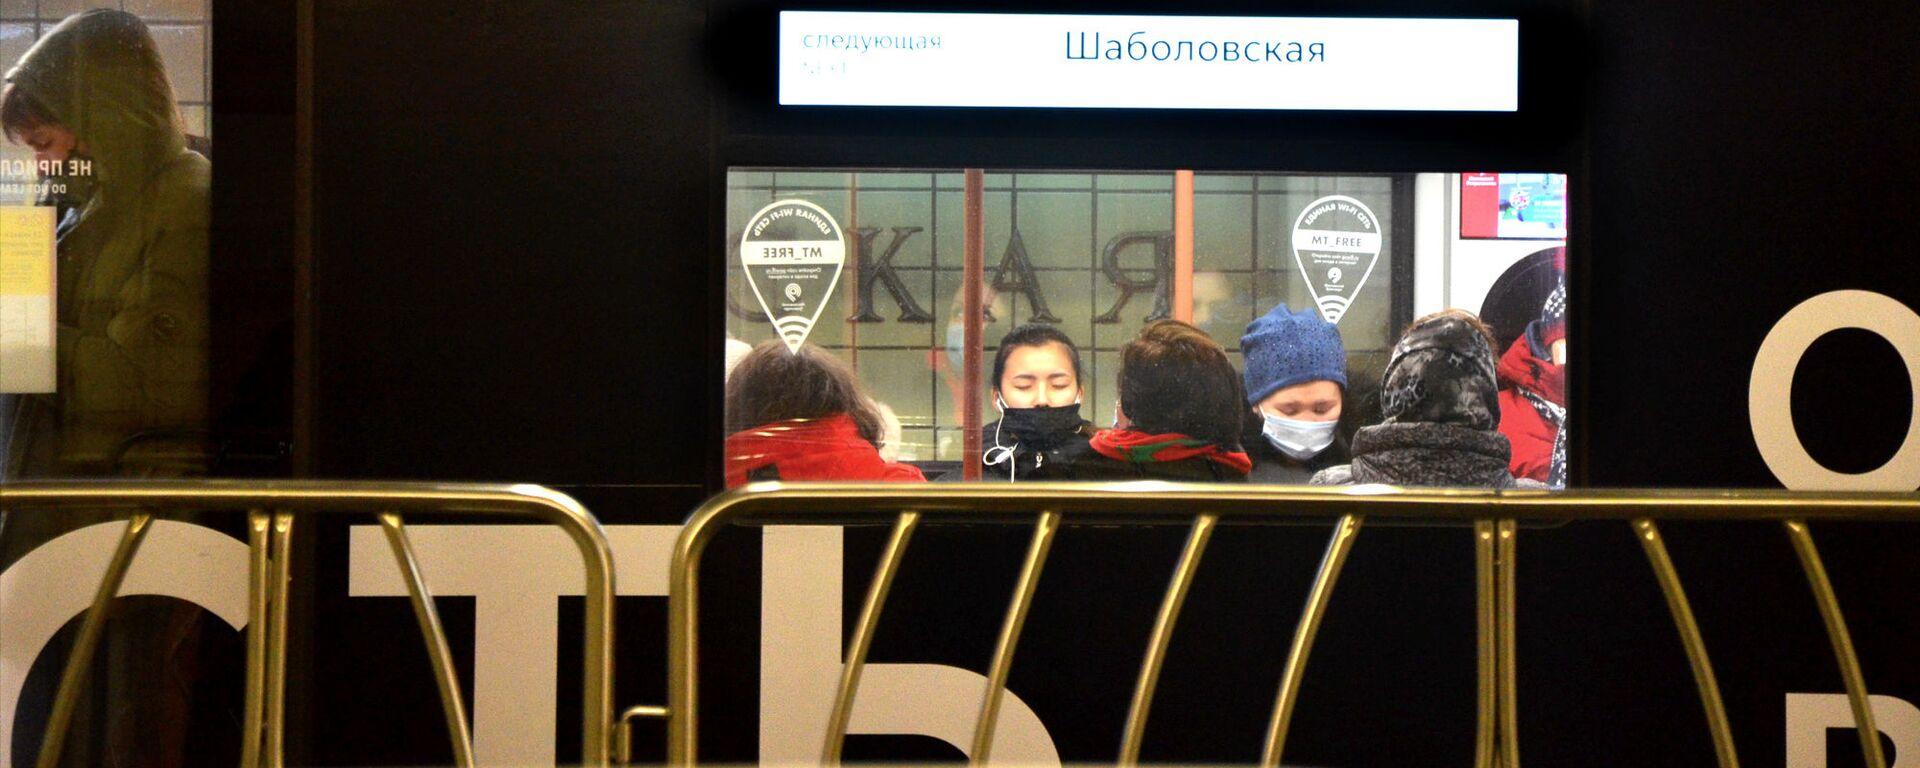 Coronavirus in Russia - Mosca, metropolitana, febbraio 2021 - Sputnik Italia, 1920, 09.02.2021